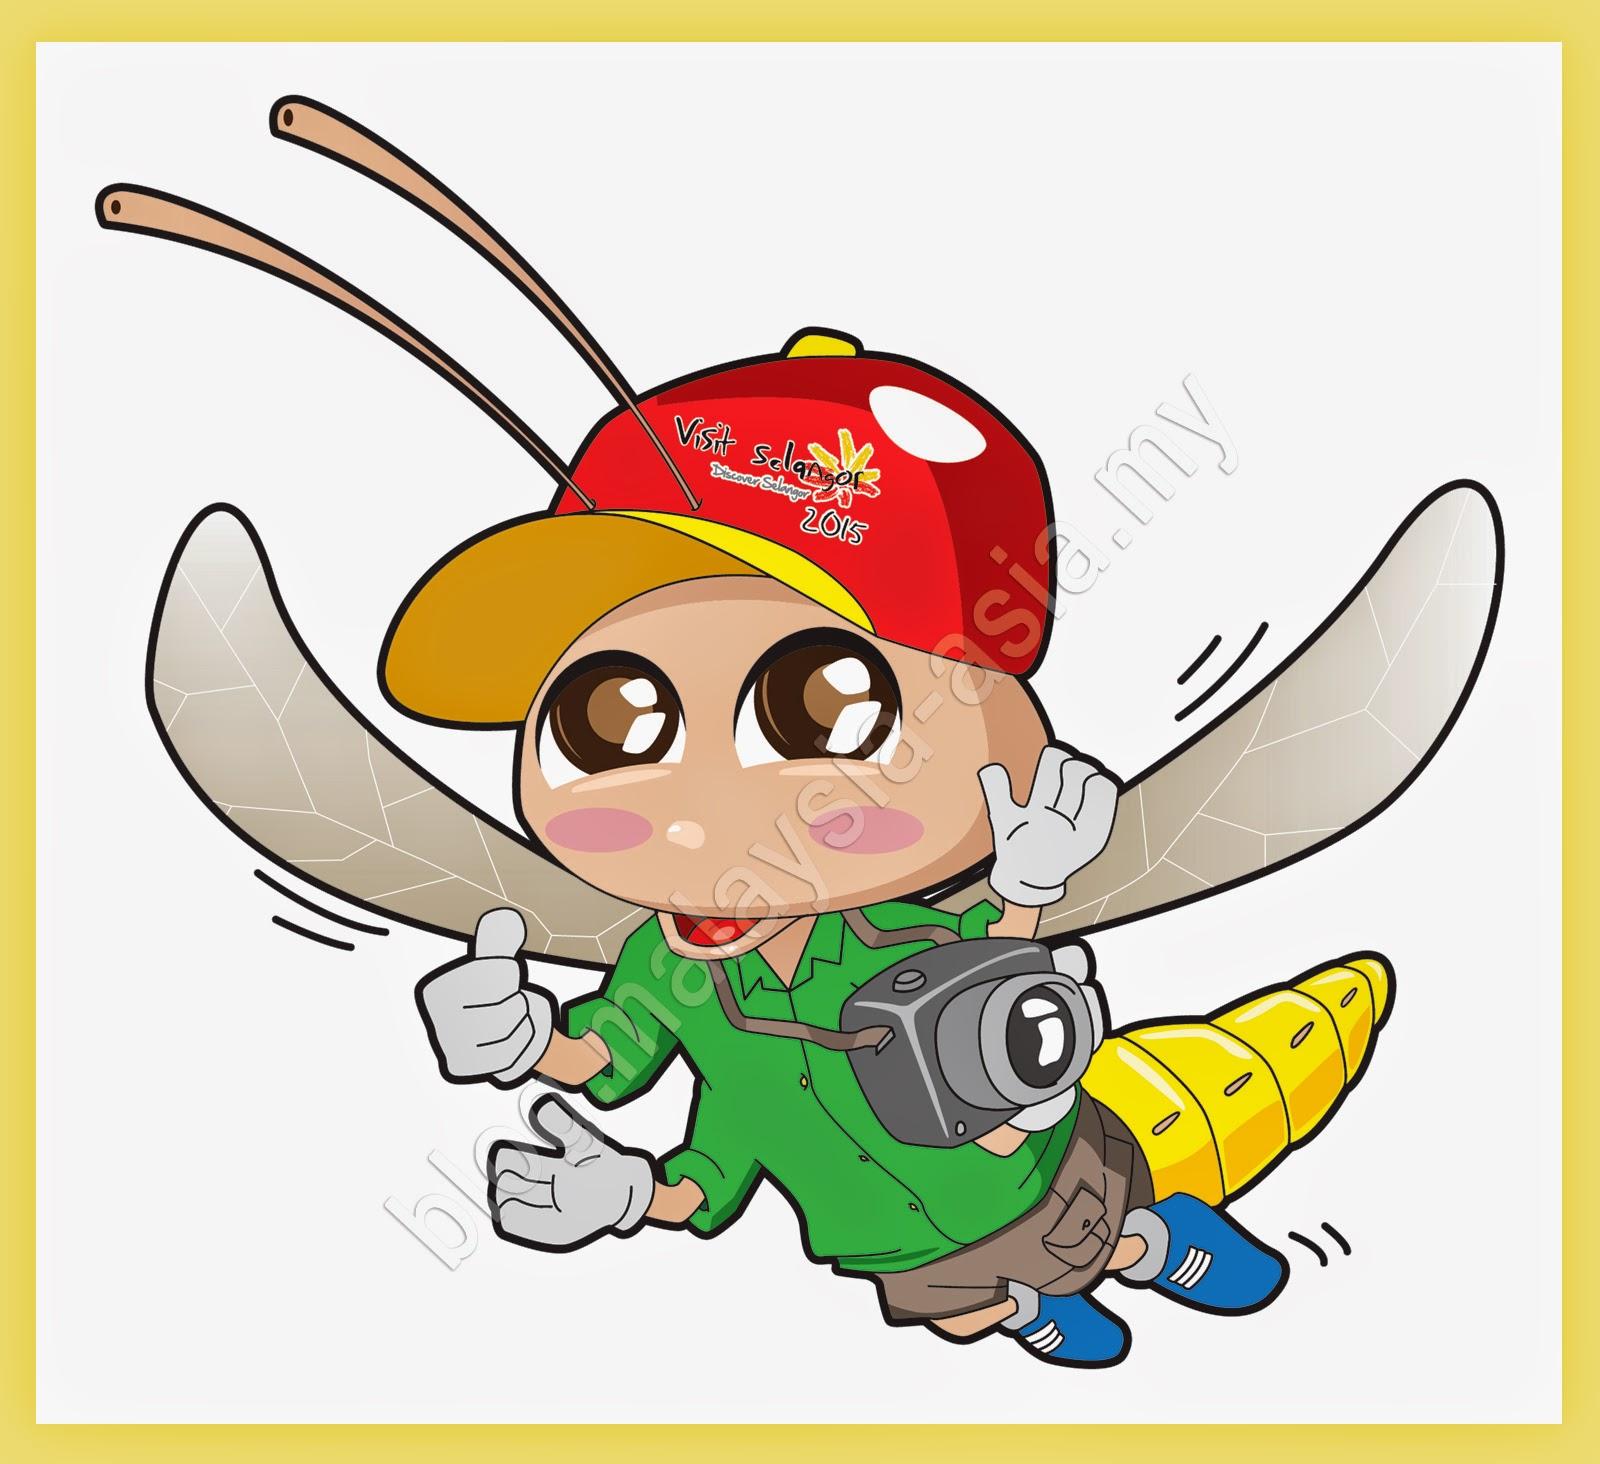 Visit selangor Year 2015 Mascot - Mat Kelip